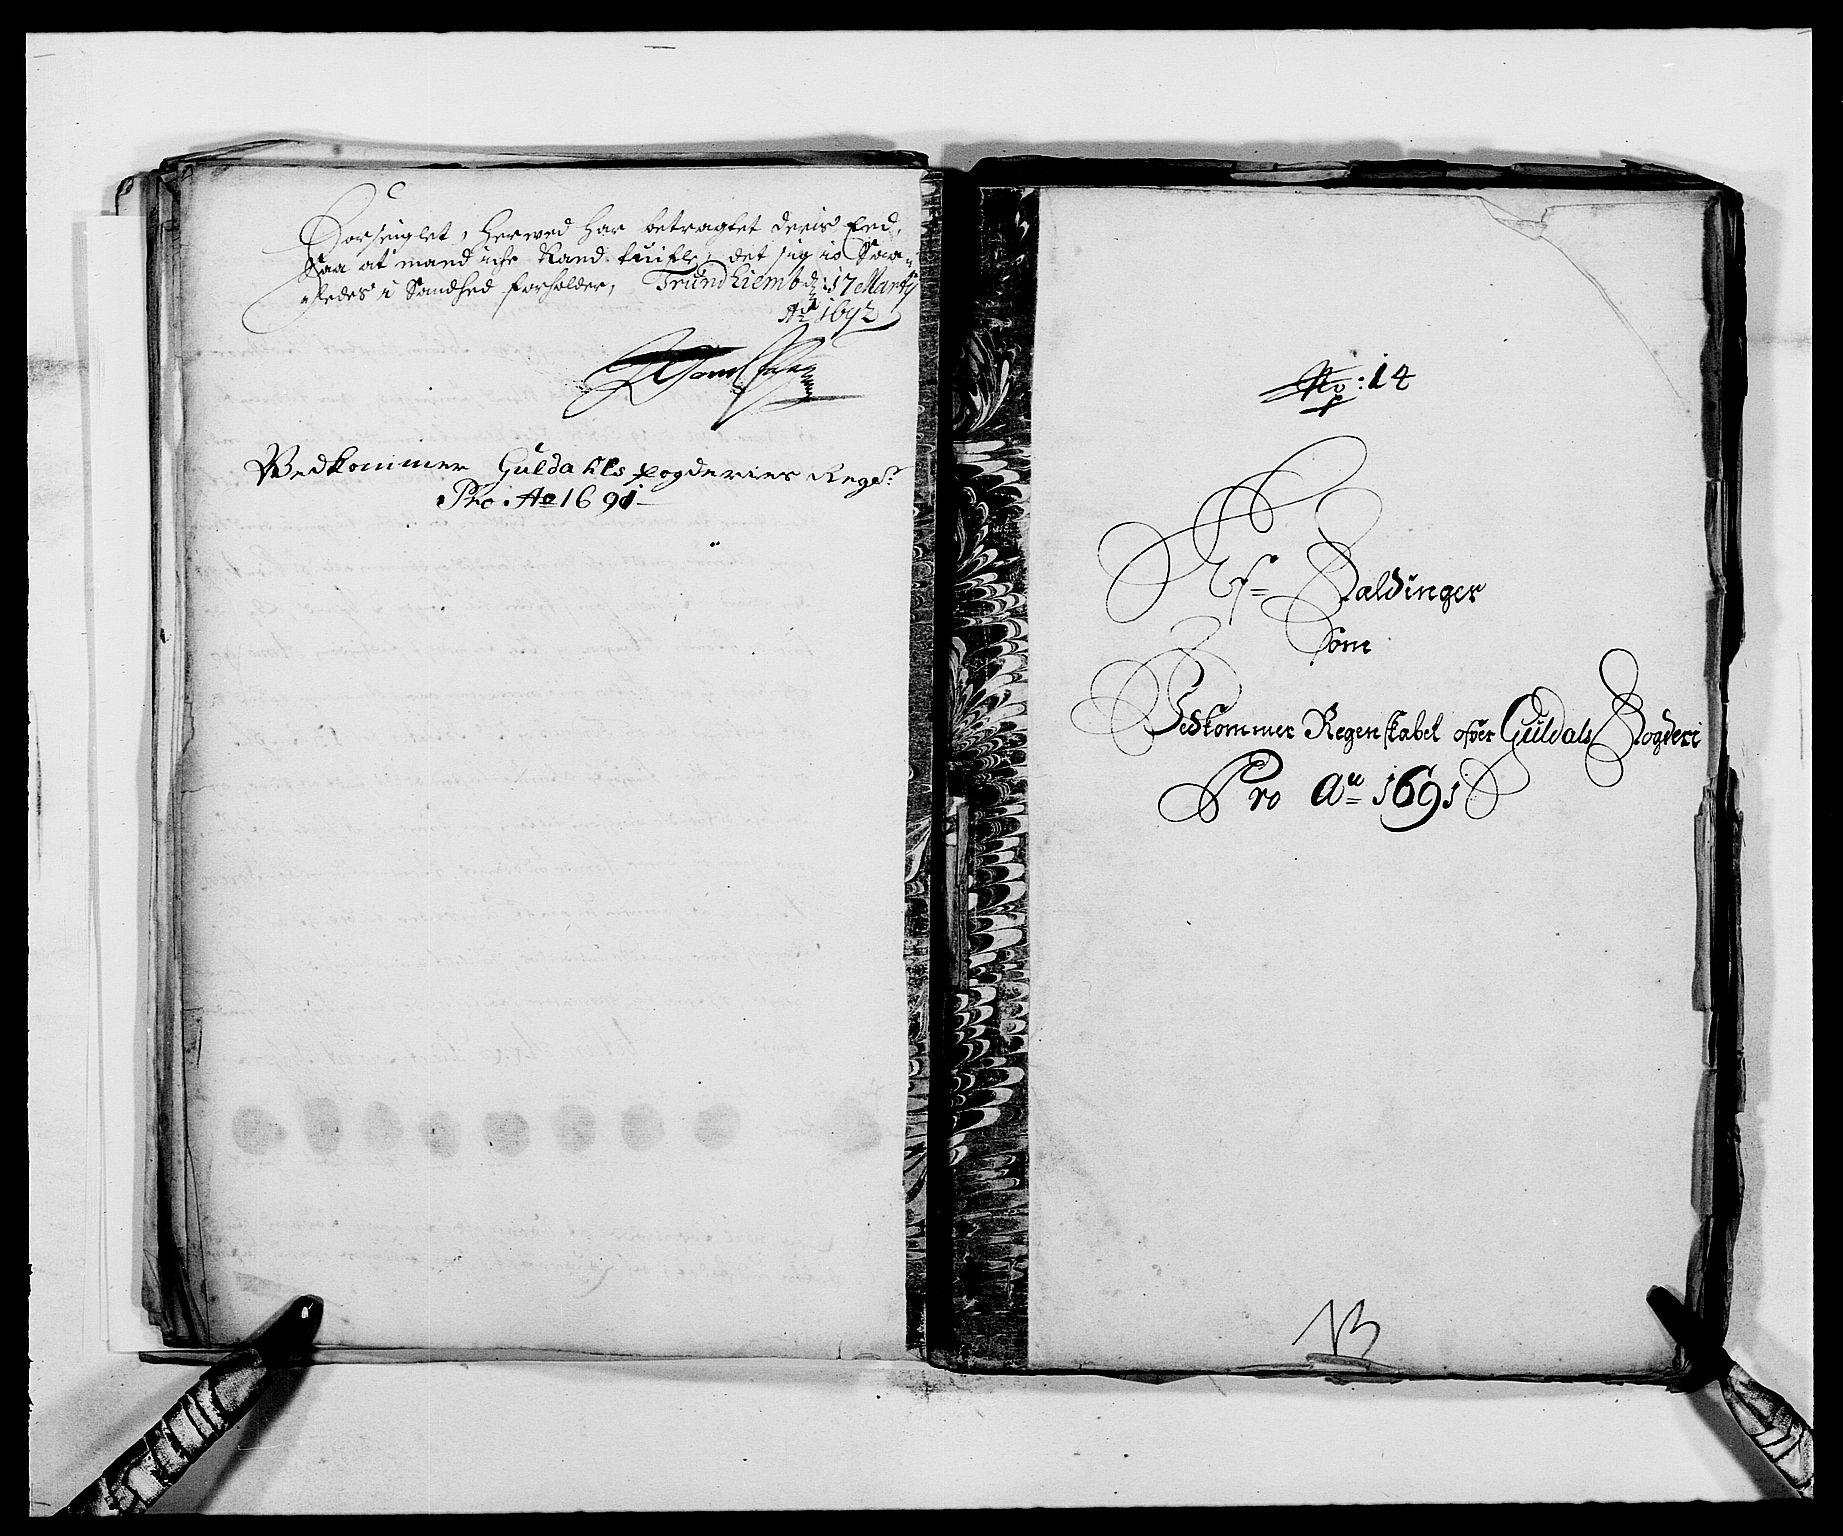 RA, Rentekammeret inntil 1814, Reviderte regnskaper, Fogderegnskap, R59/L3941: Fogderegnskap Gauldal, 1691, s. 209